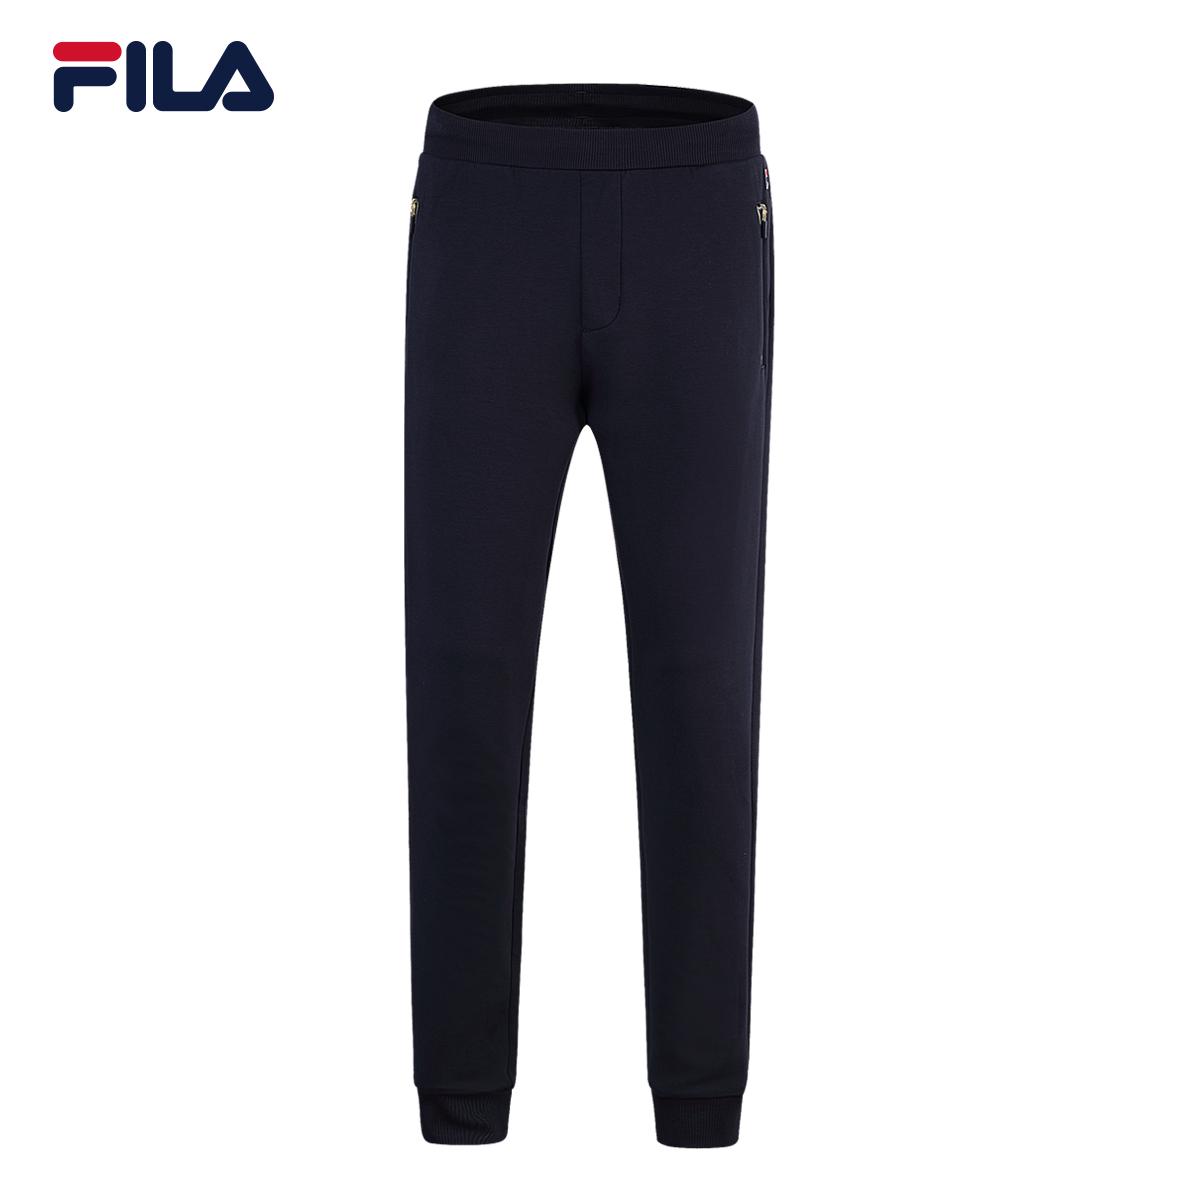 聚FILA斐乐男2018春季新品收口休闲透气运动长裤|F51M838610A